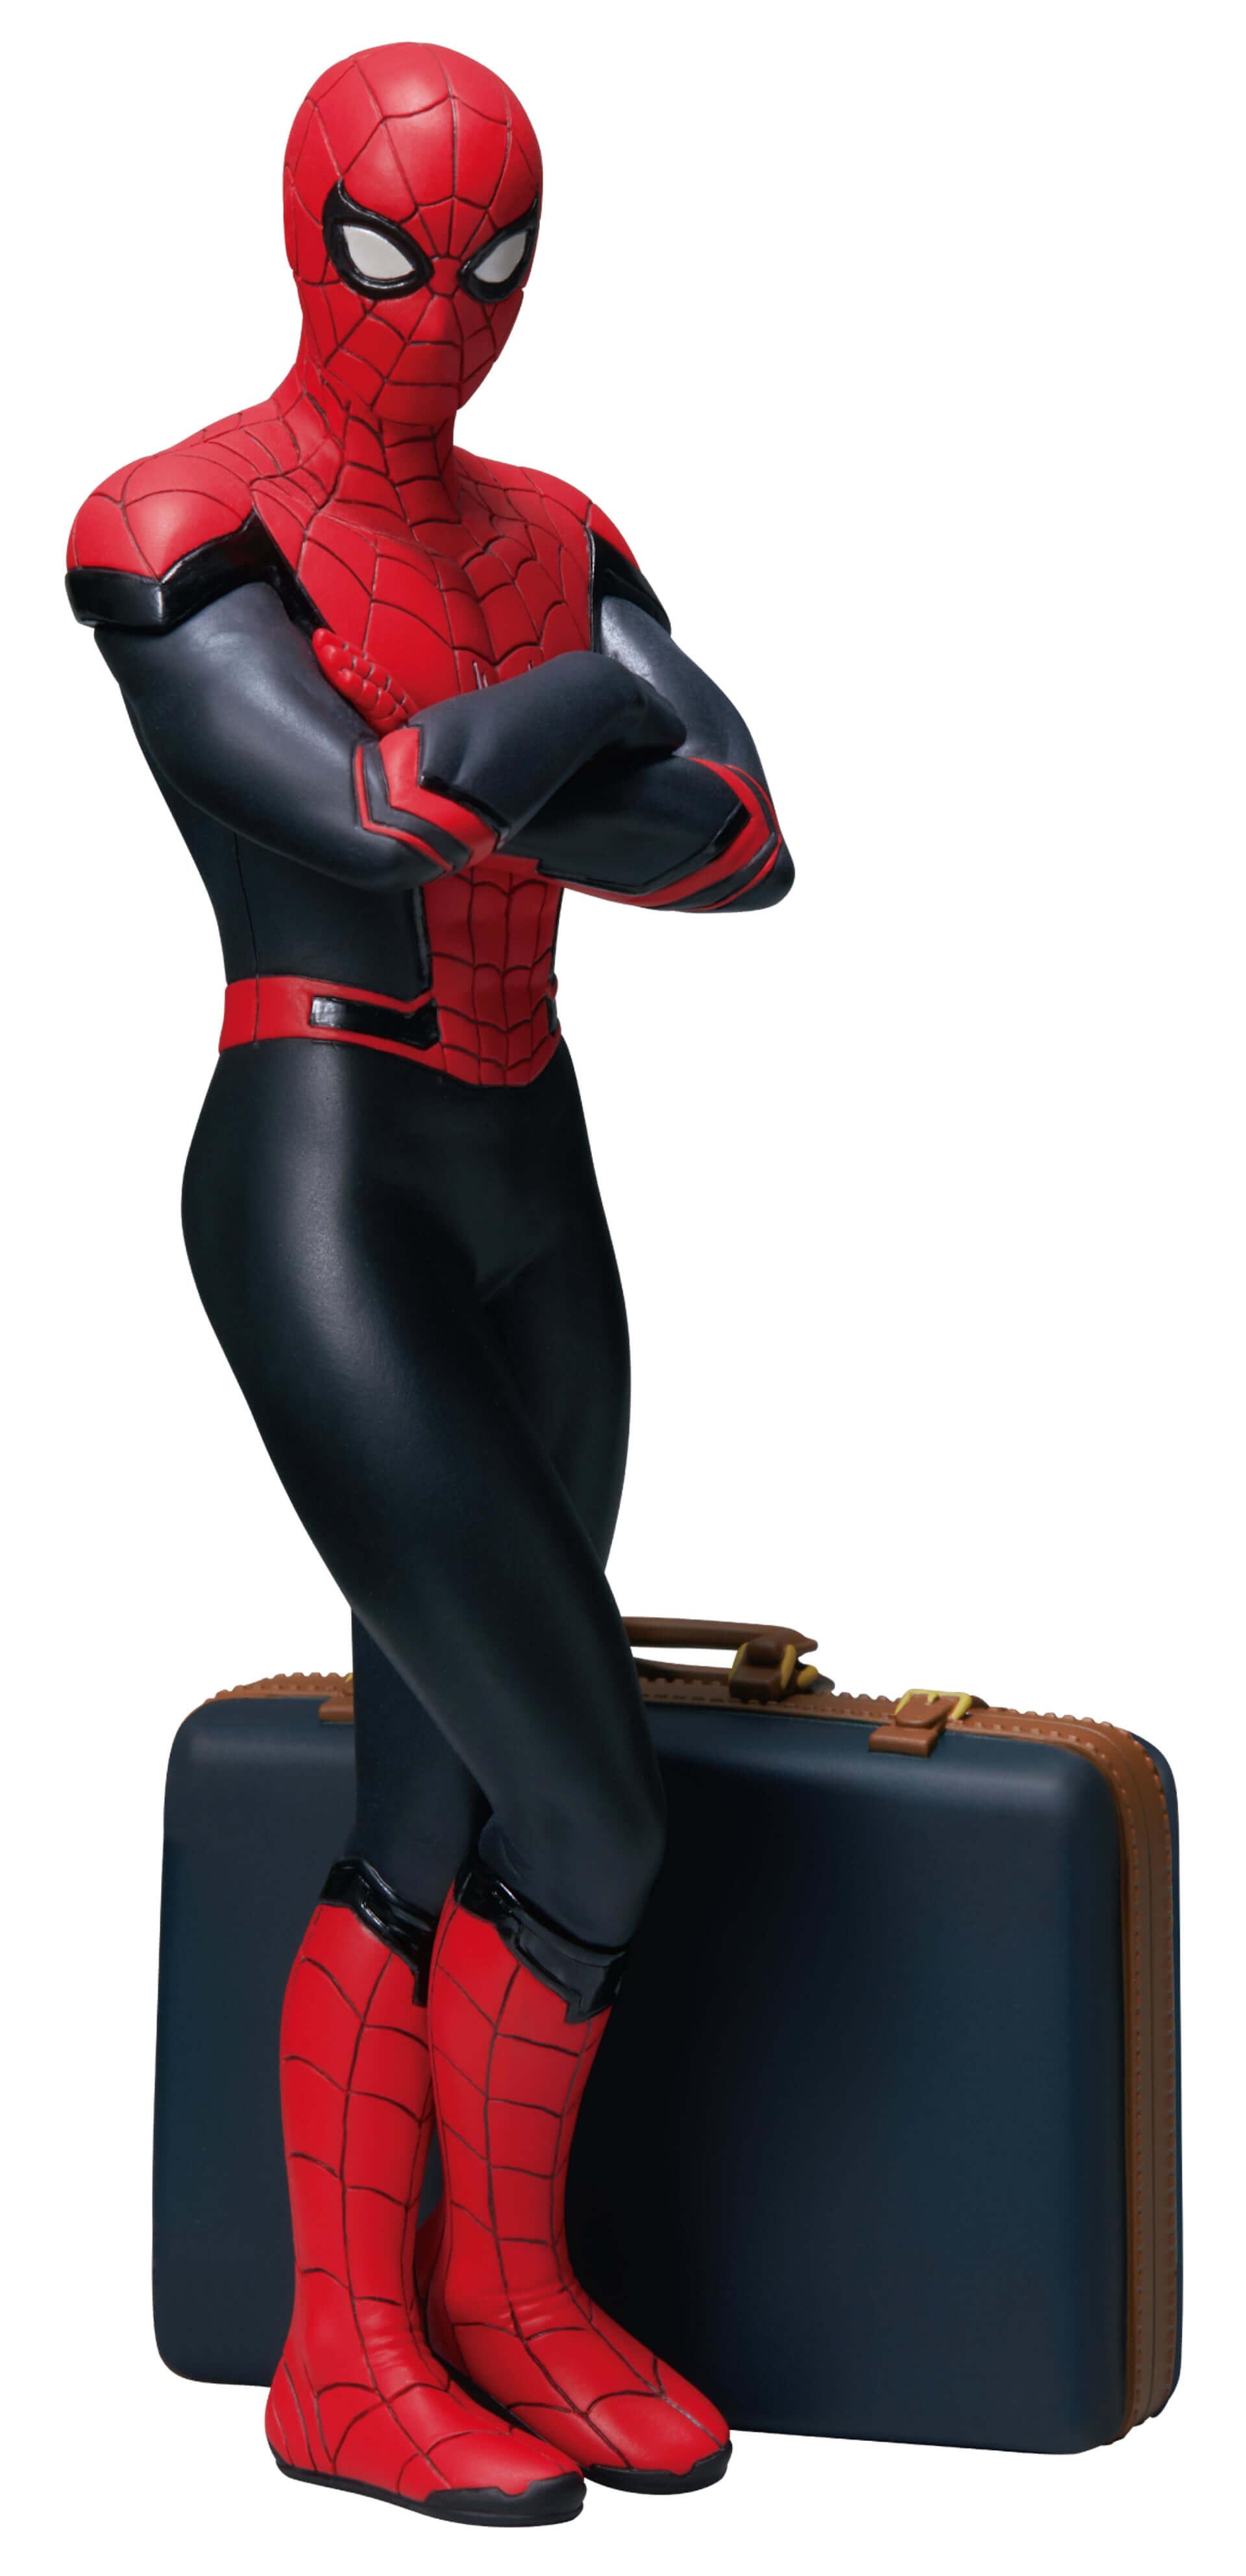 映画「スパイダーマン」最新作の超レアグッズが当たる!Happyくじ『スパイダーマン:ファー・フロム・ホーム』登場 art190628_spiderman_lot_2-1920x3968